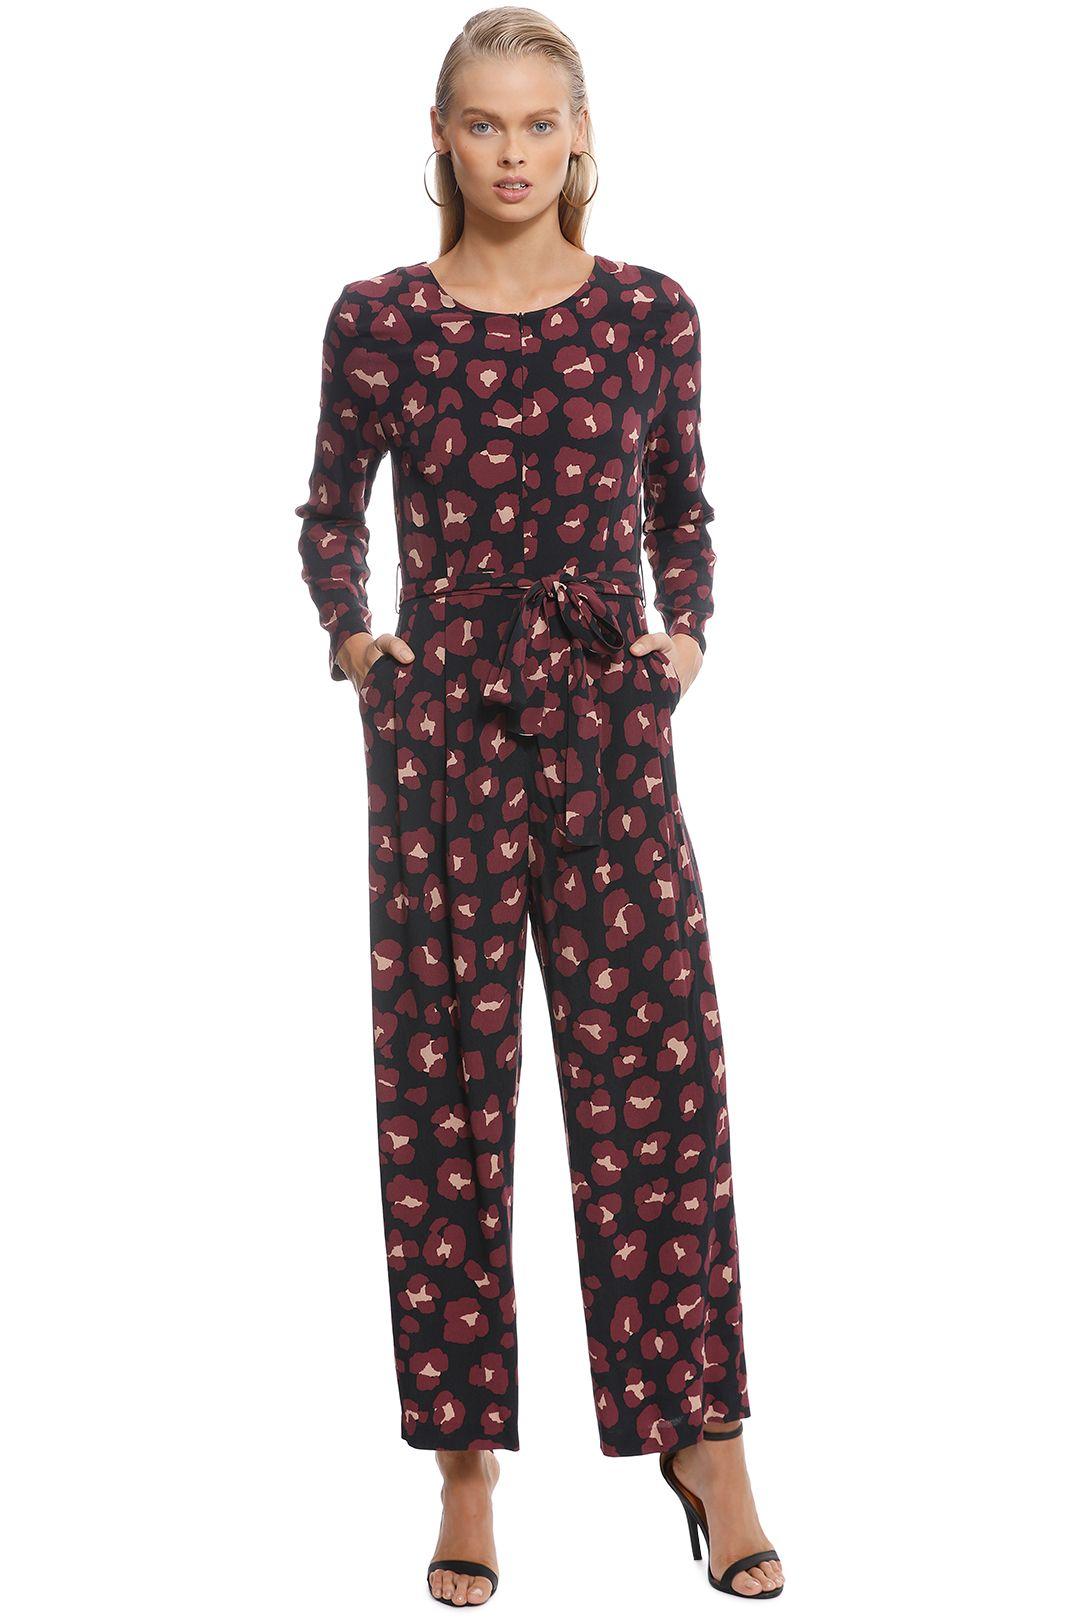 Gorman - Leopard Print Pantsuit - Print - Front